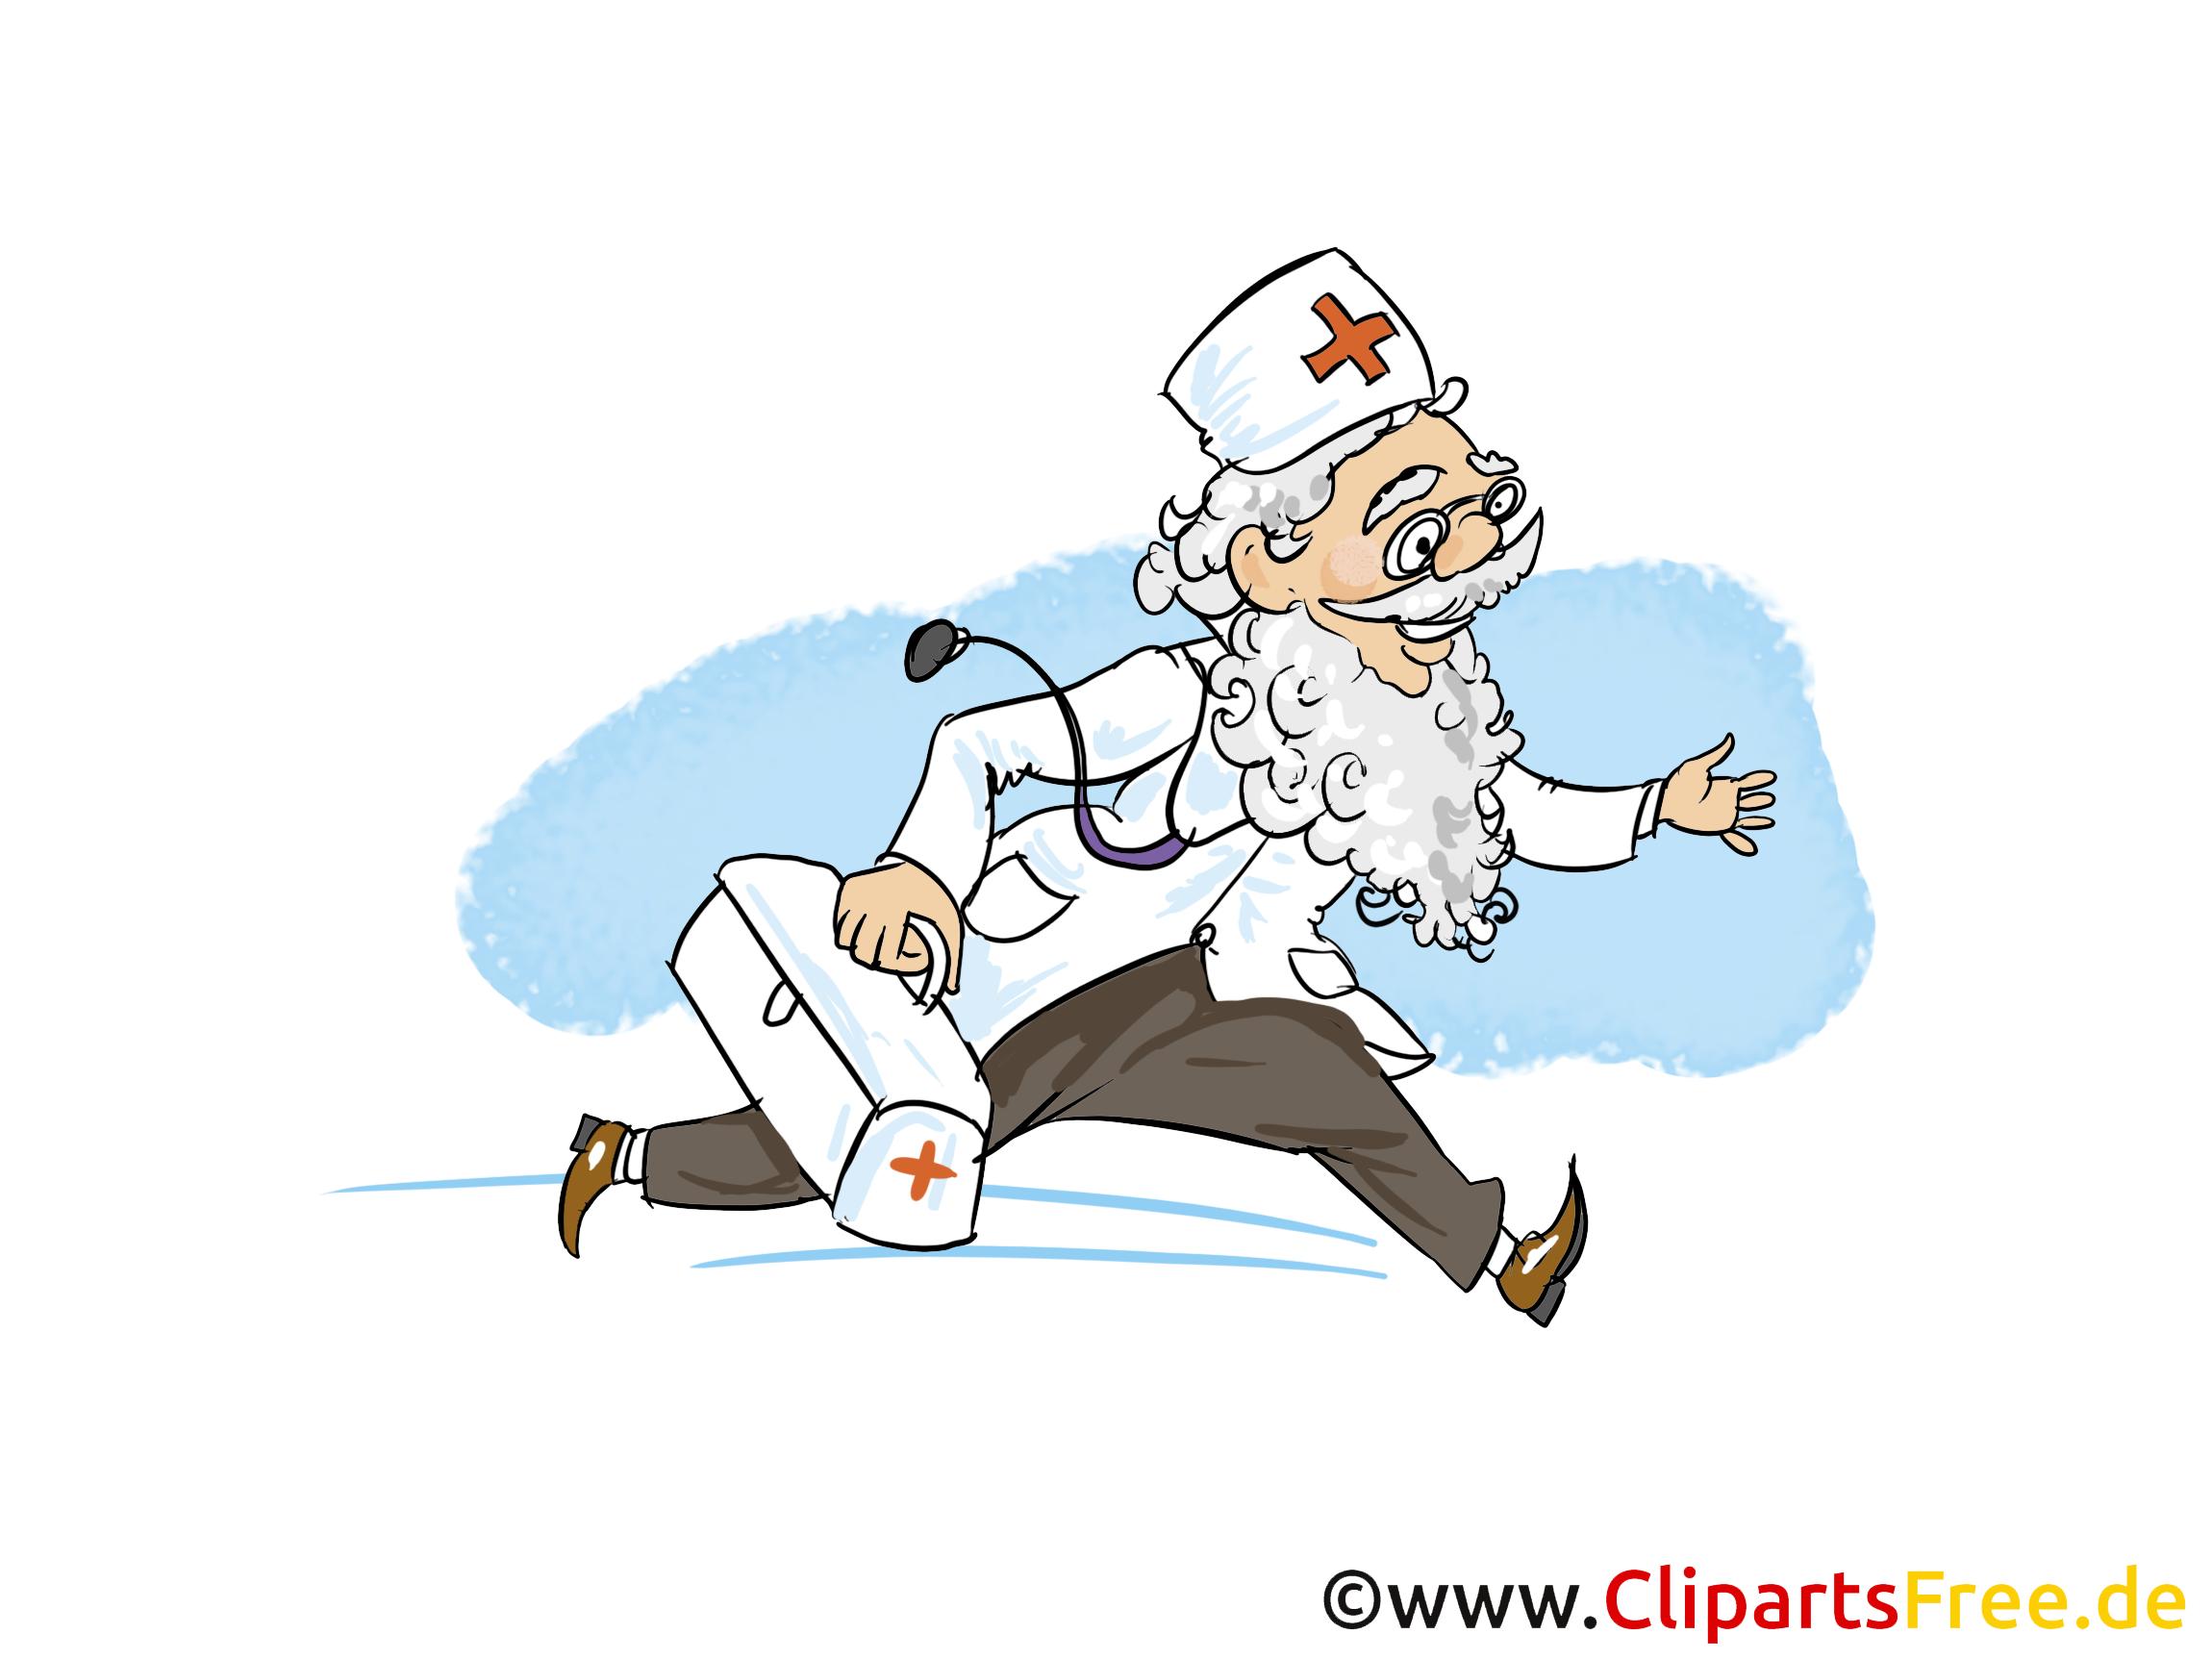 clipart kostenlos pflege - photo #16